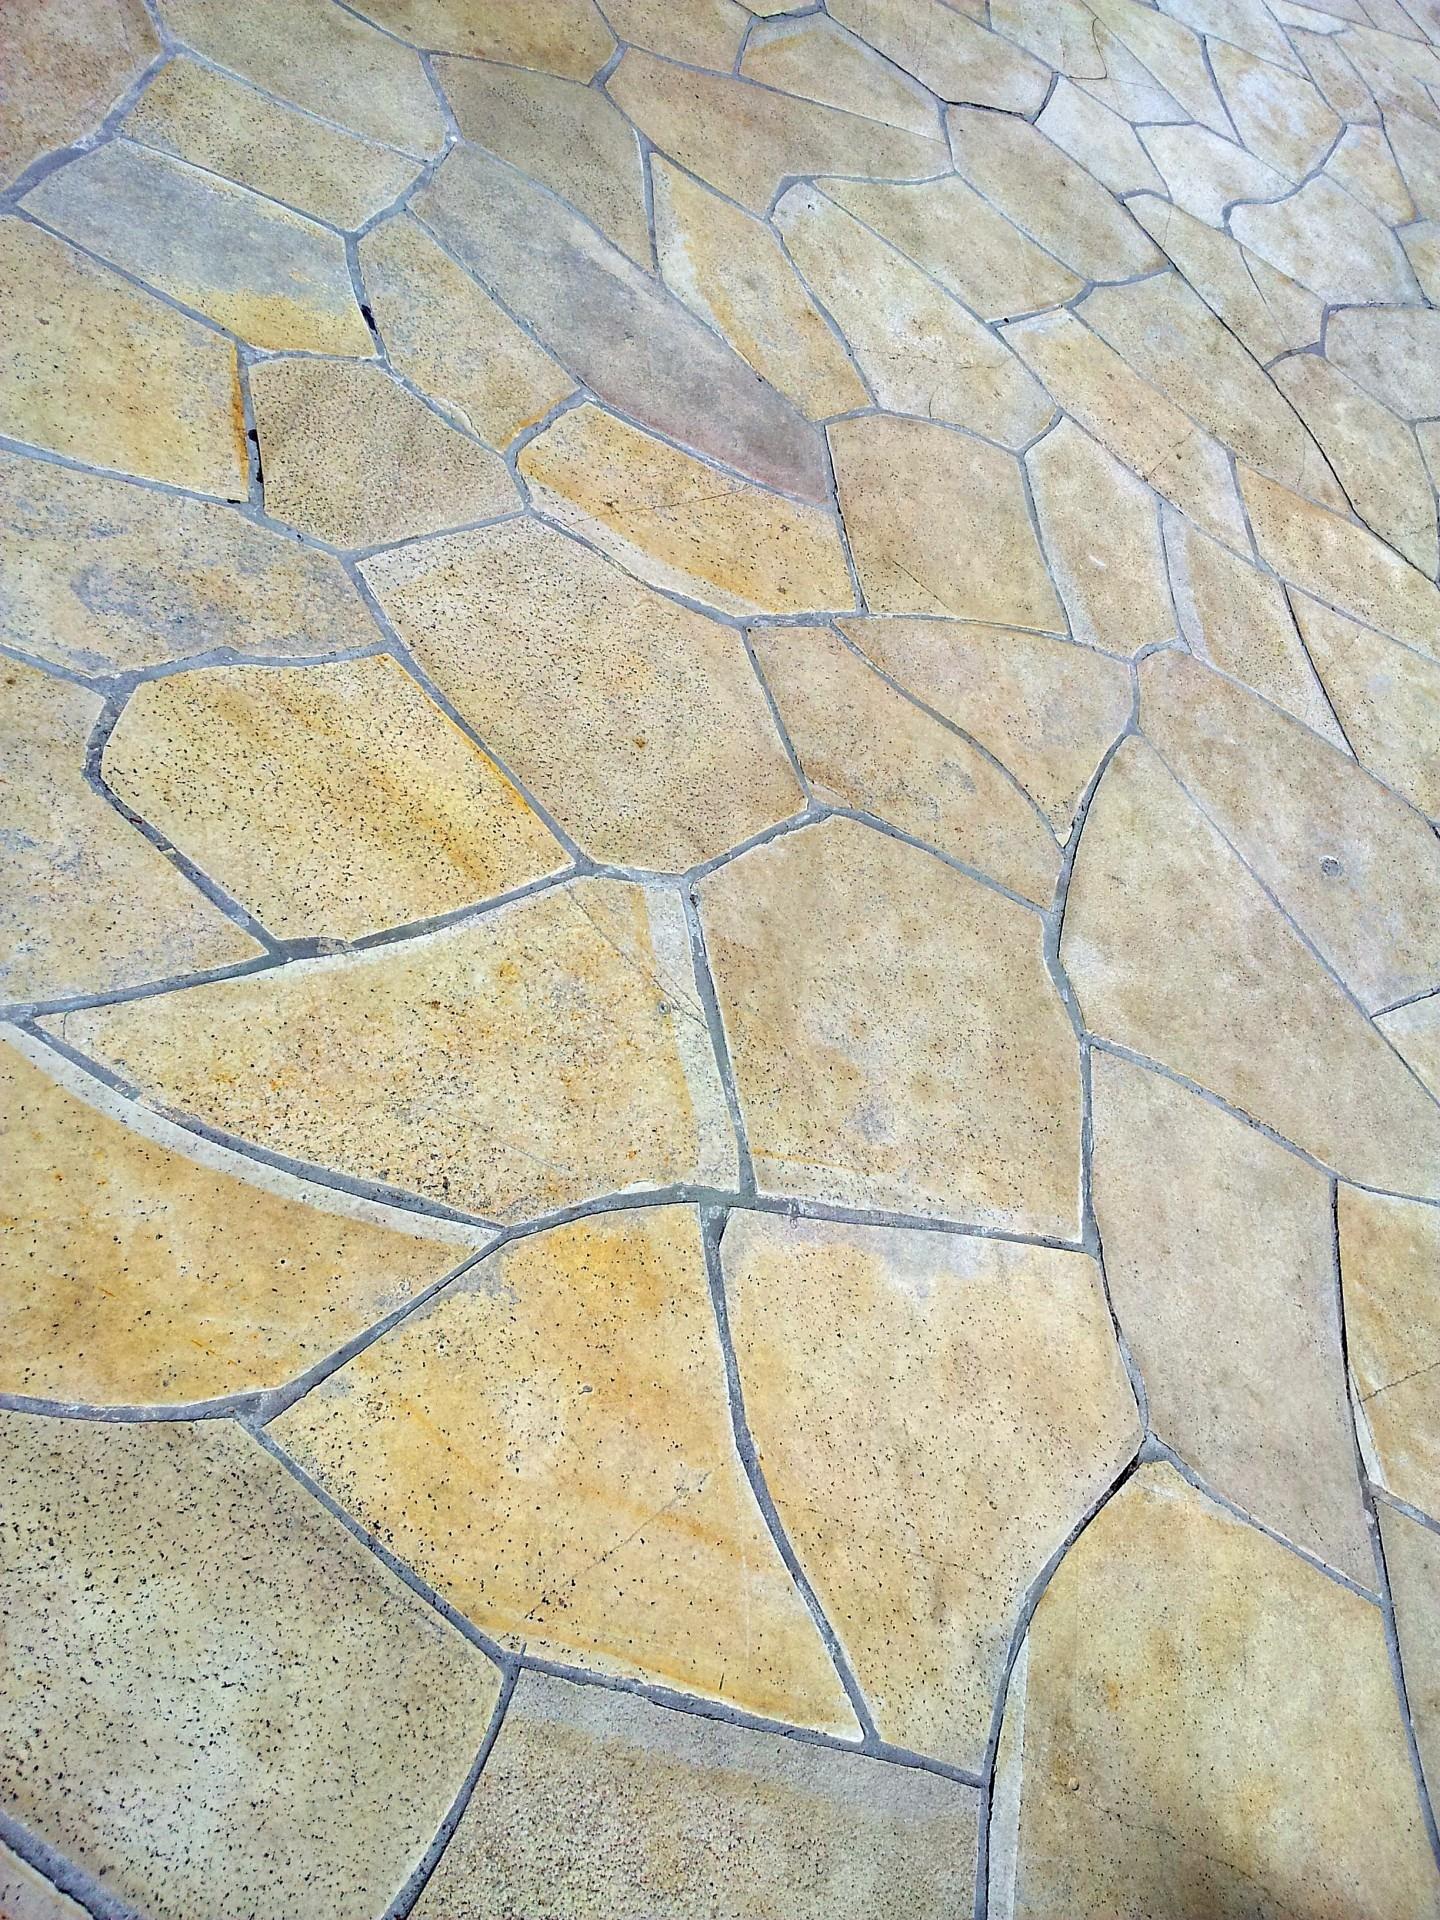 fotos gratis camino al aire libre rock calle suelo textura acera piso guijarro urbano pared asfalto pavimento caminar construccin patrn